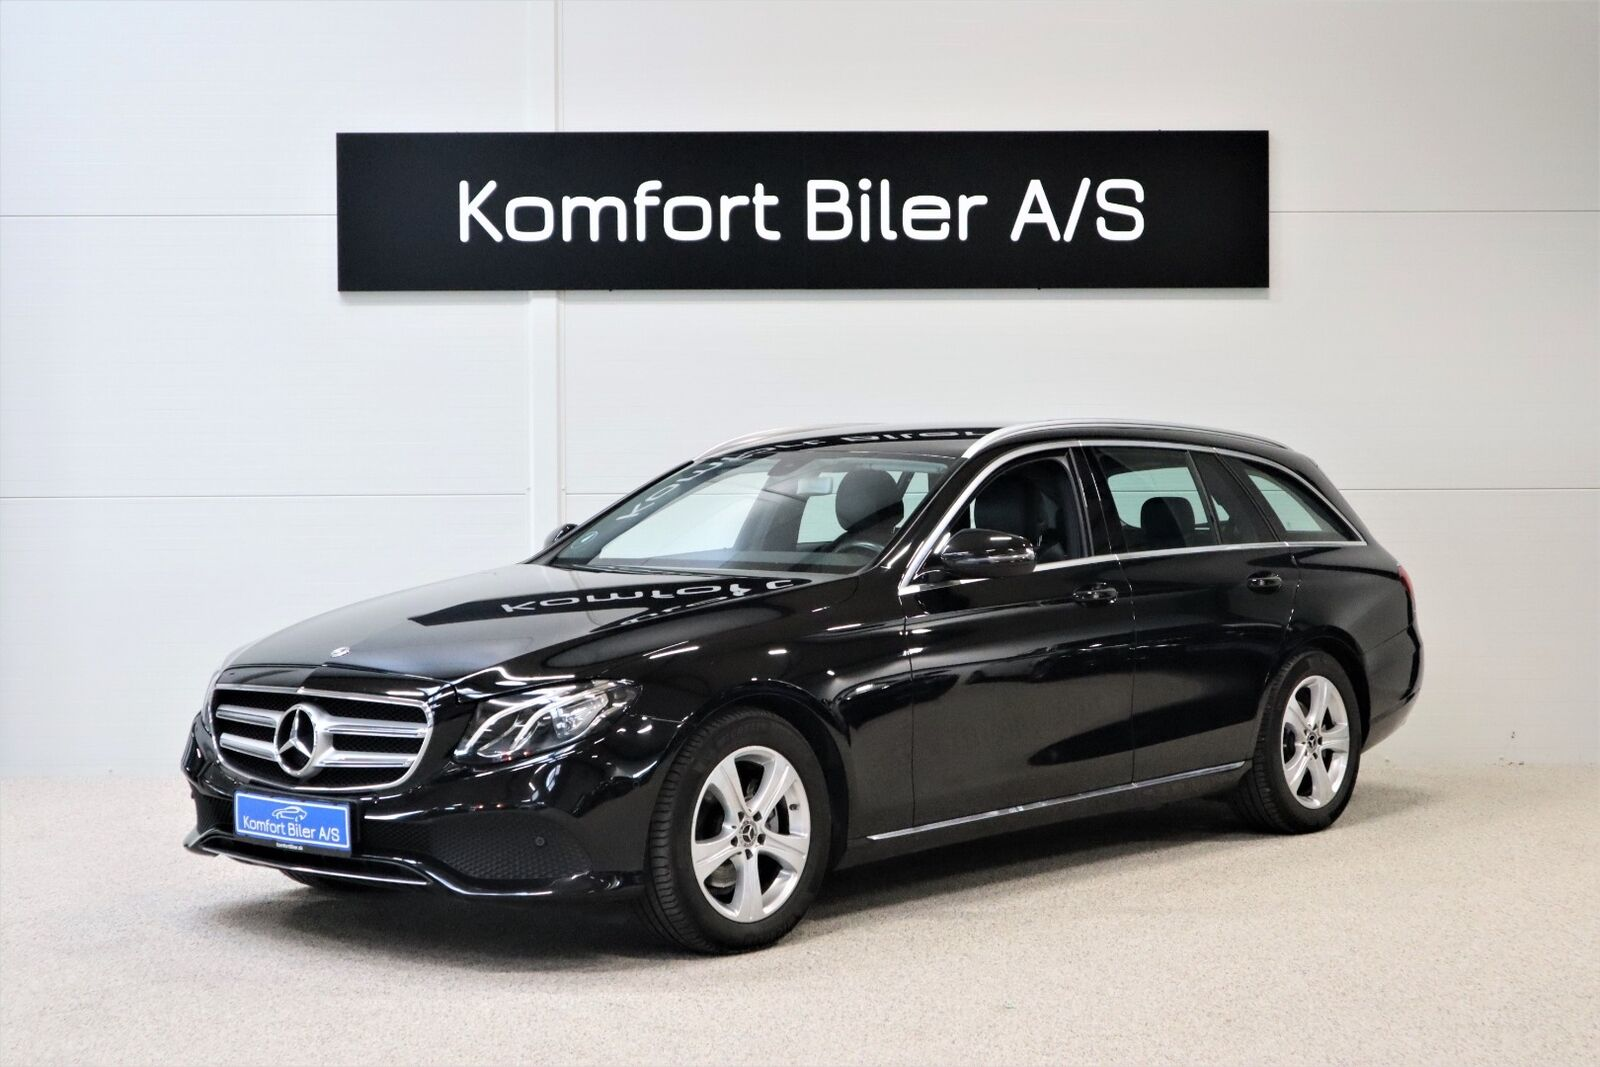 Mercedes E220 d 2,0 Avantgarde stc. aut. 5d - 3.112 kr.